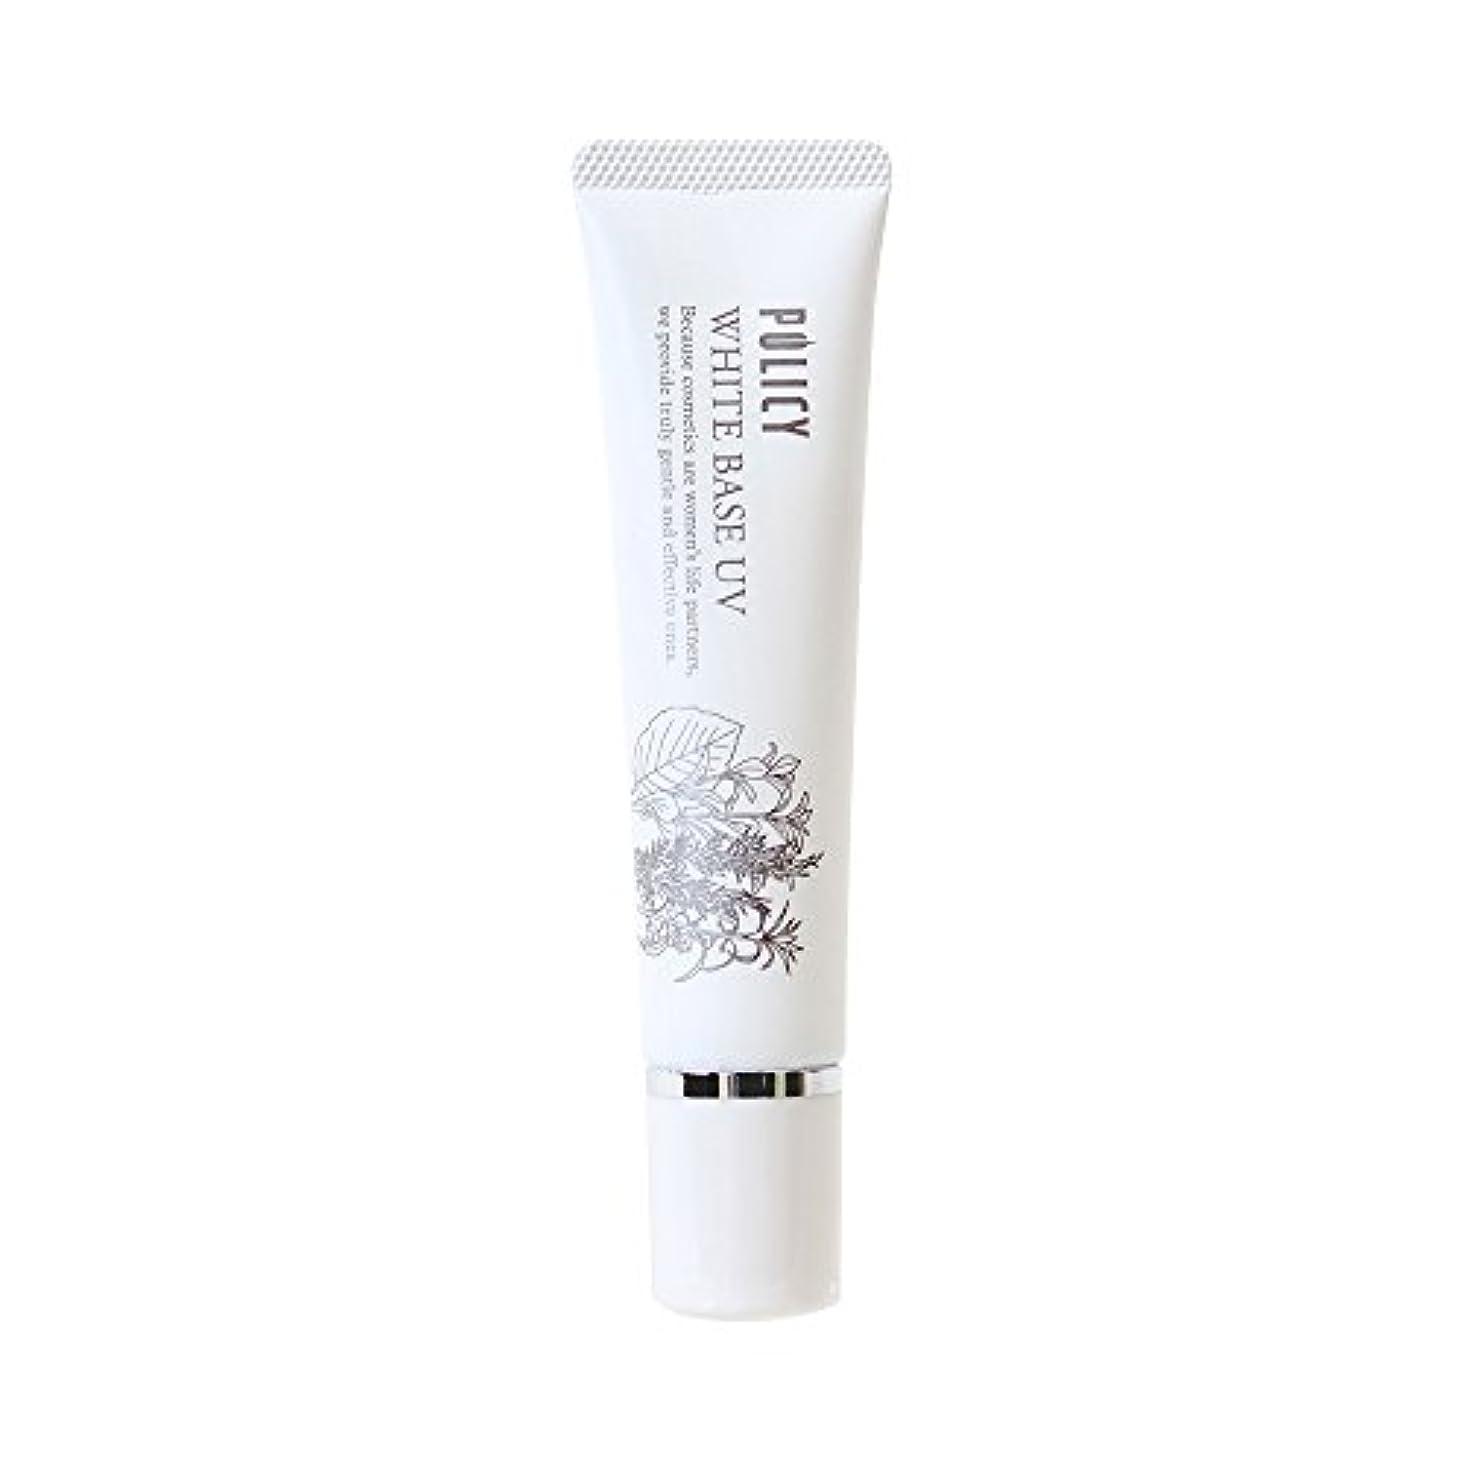 和エキスアレルギーポリシー化粧品 【メイク下地クリーム】ホワイトベースUV 30g